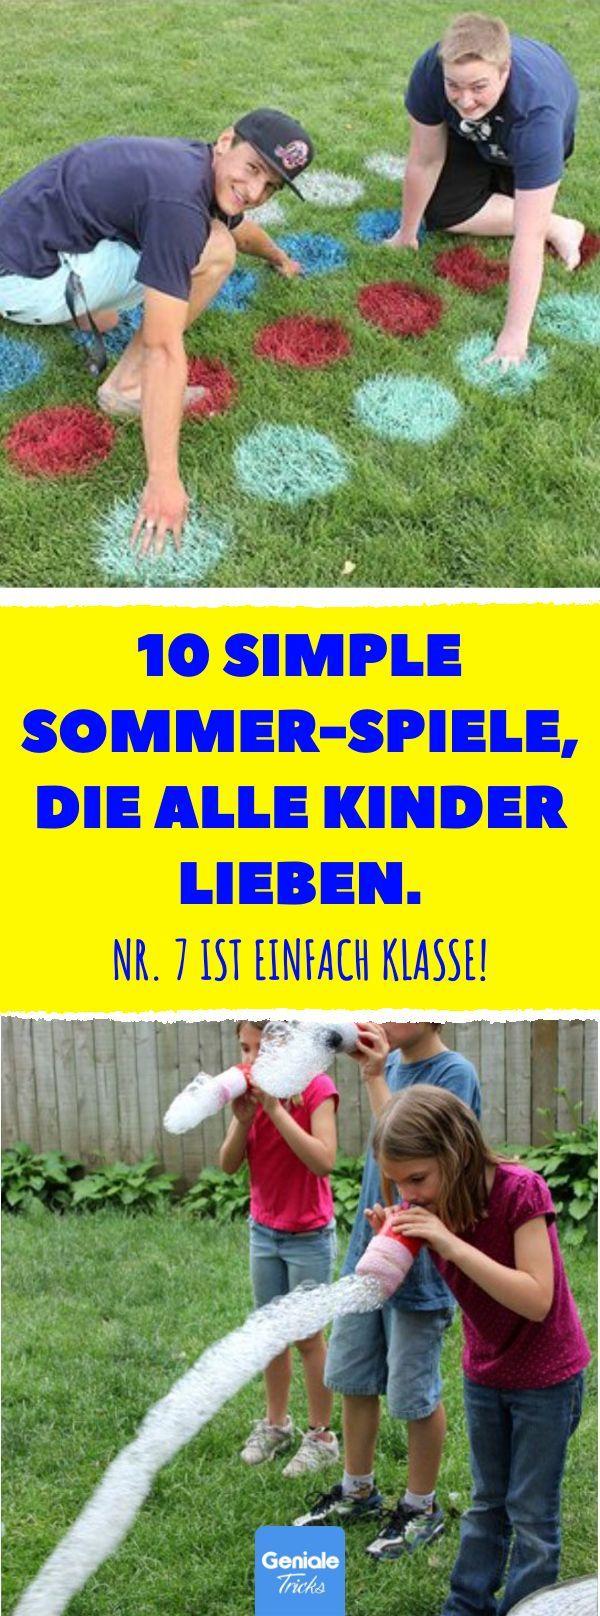 10 einfache Sommer-Spiele, die alle Kinder lieben. Nr. 7 ist einfach klasse! Kreat – Oyas Baby-Tagebuch